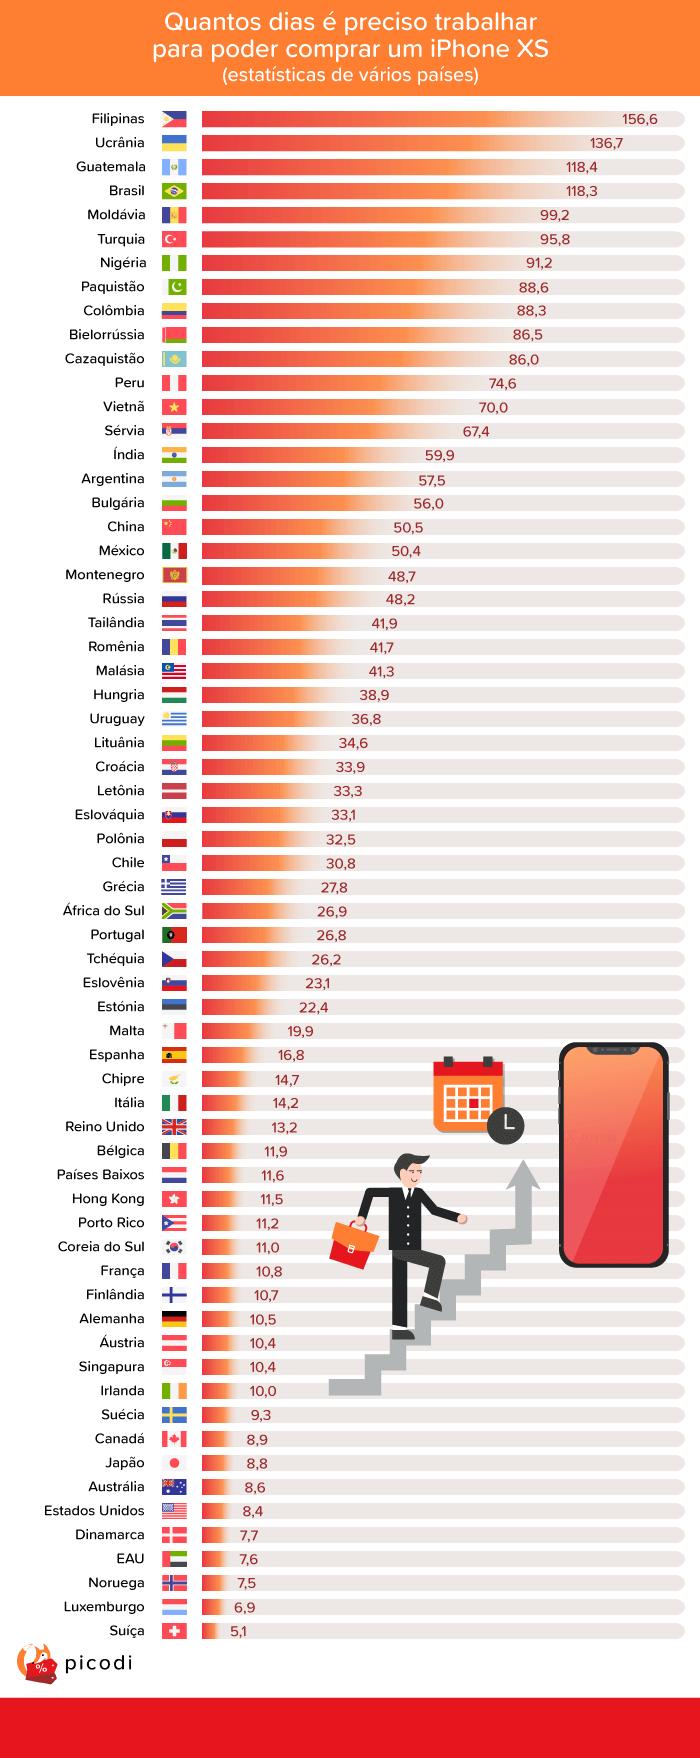 Lista com 64 países e a relação de dias trabalhado para se comprar um iPhone XS de 64GB